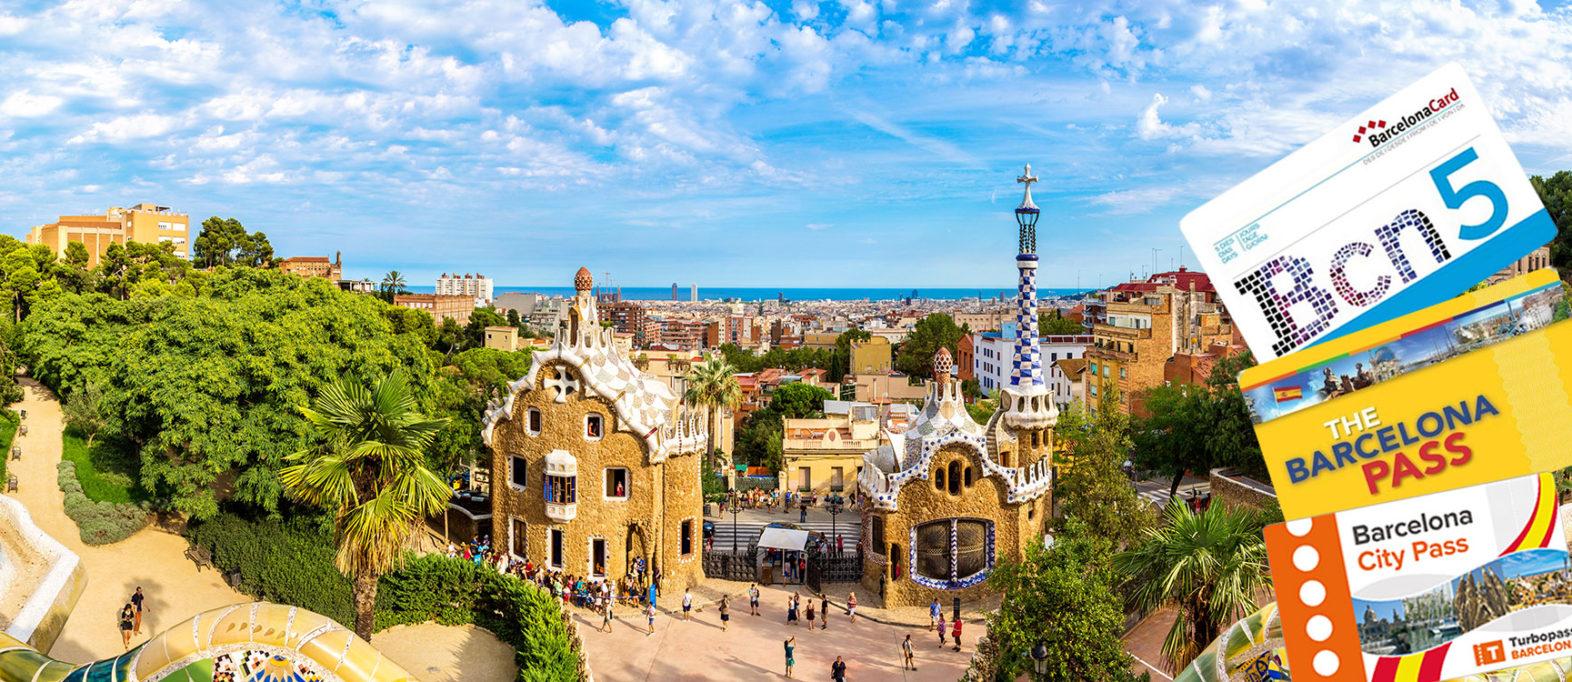 Citypass Barcelona Vergleich kaufen